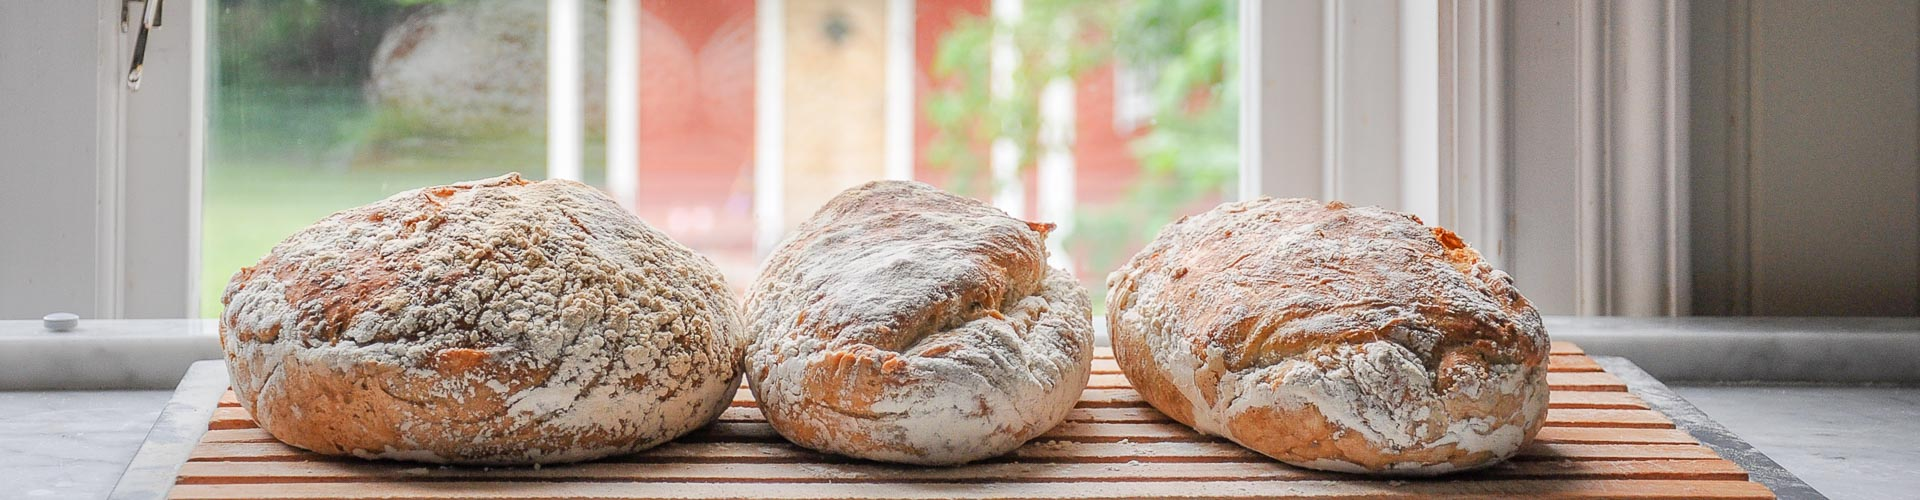 Hembakt bröd på Pensionat Solgården